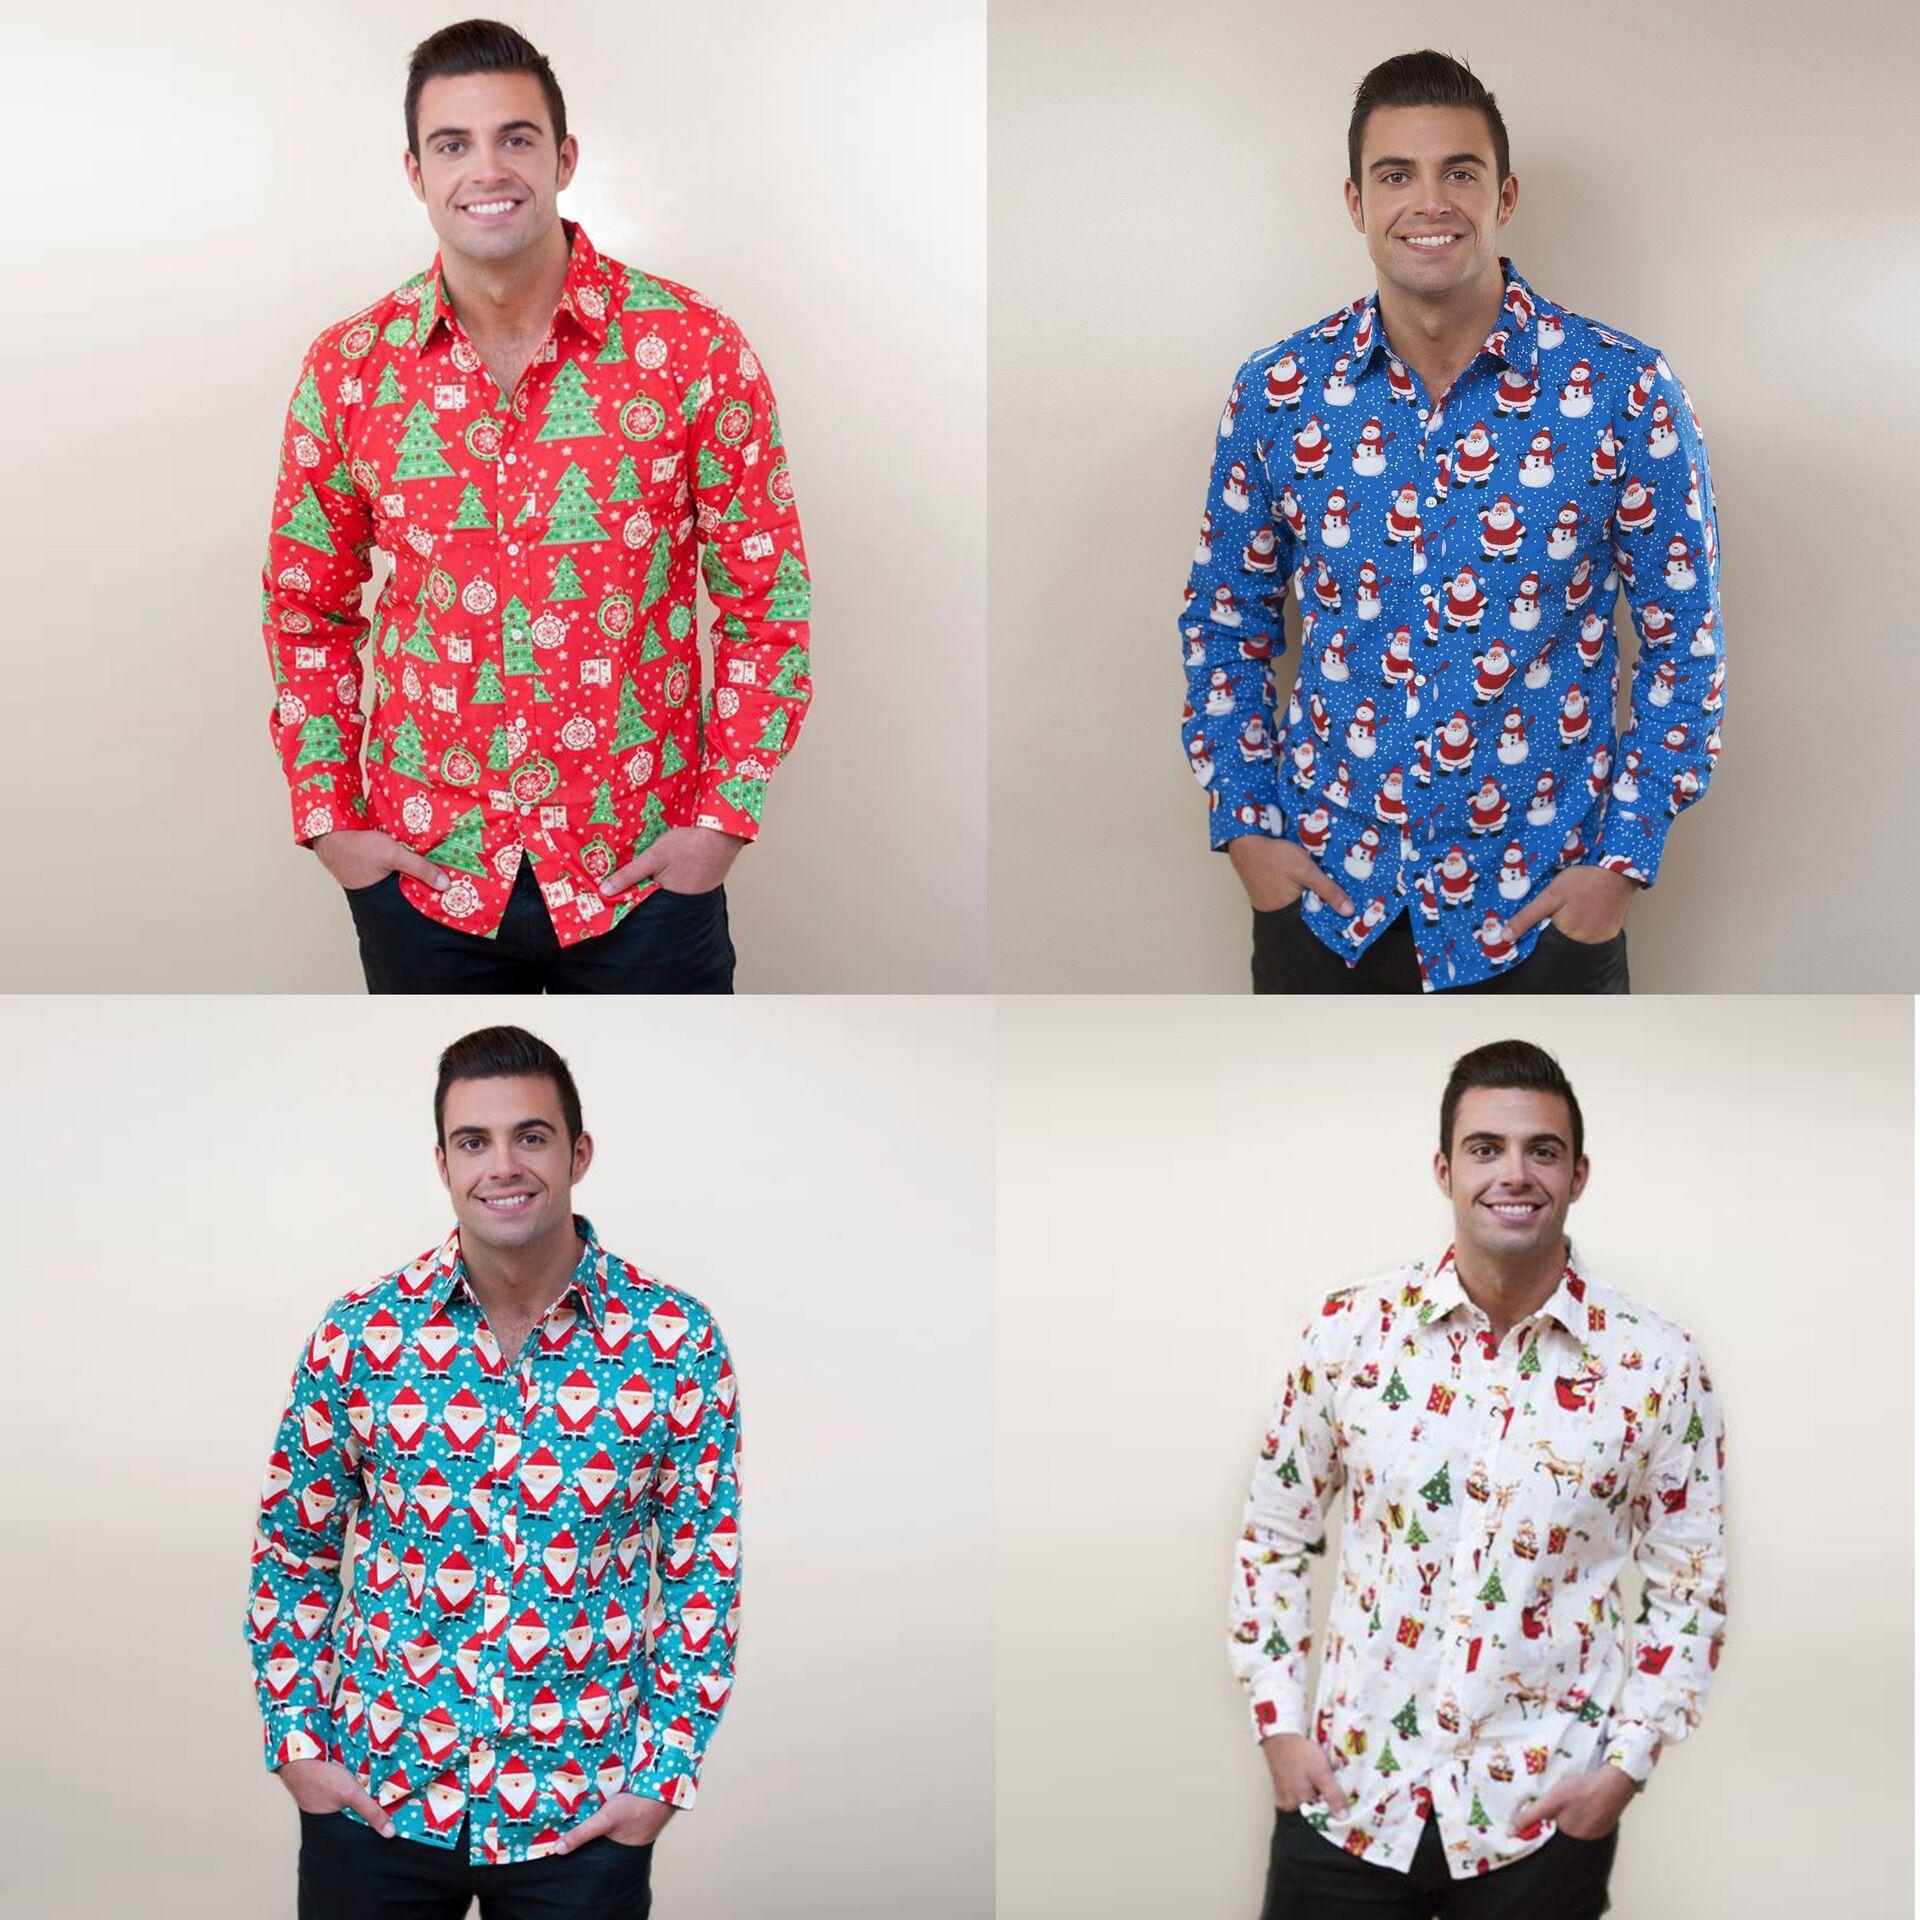 Homens verão e moda casual Outono de mangas compridas blusa animados do Natal impressão estudante lapela pescoço camisa single-breasted